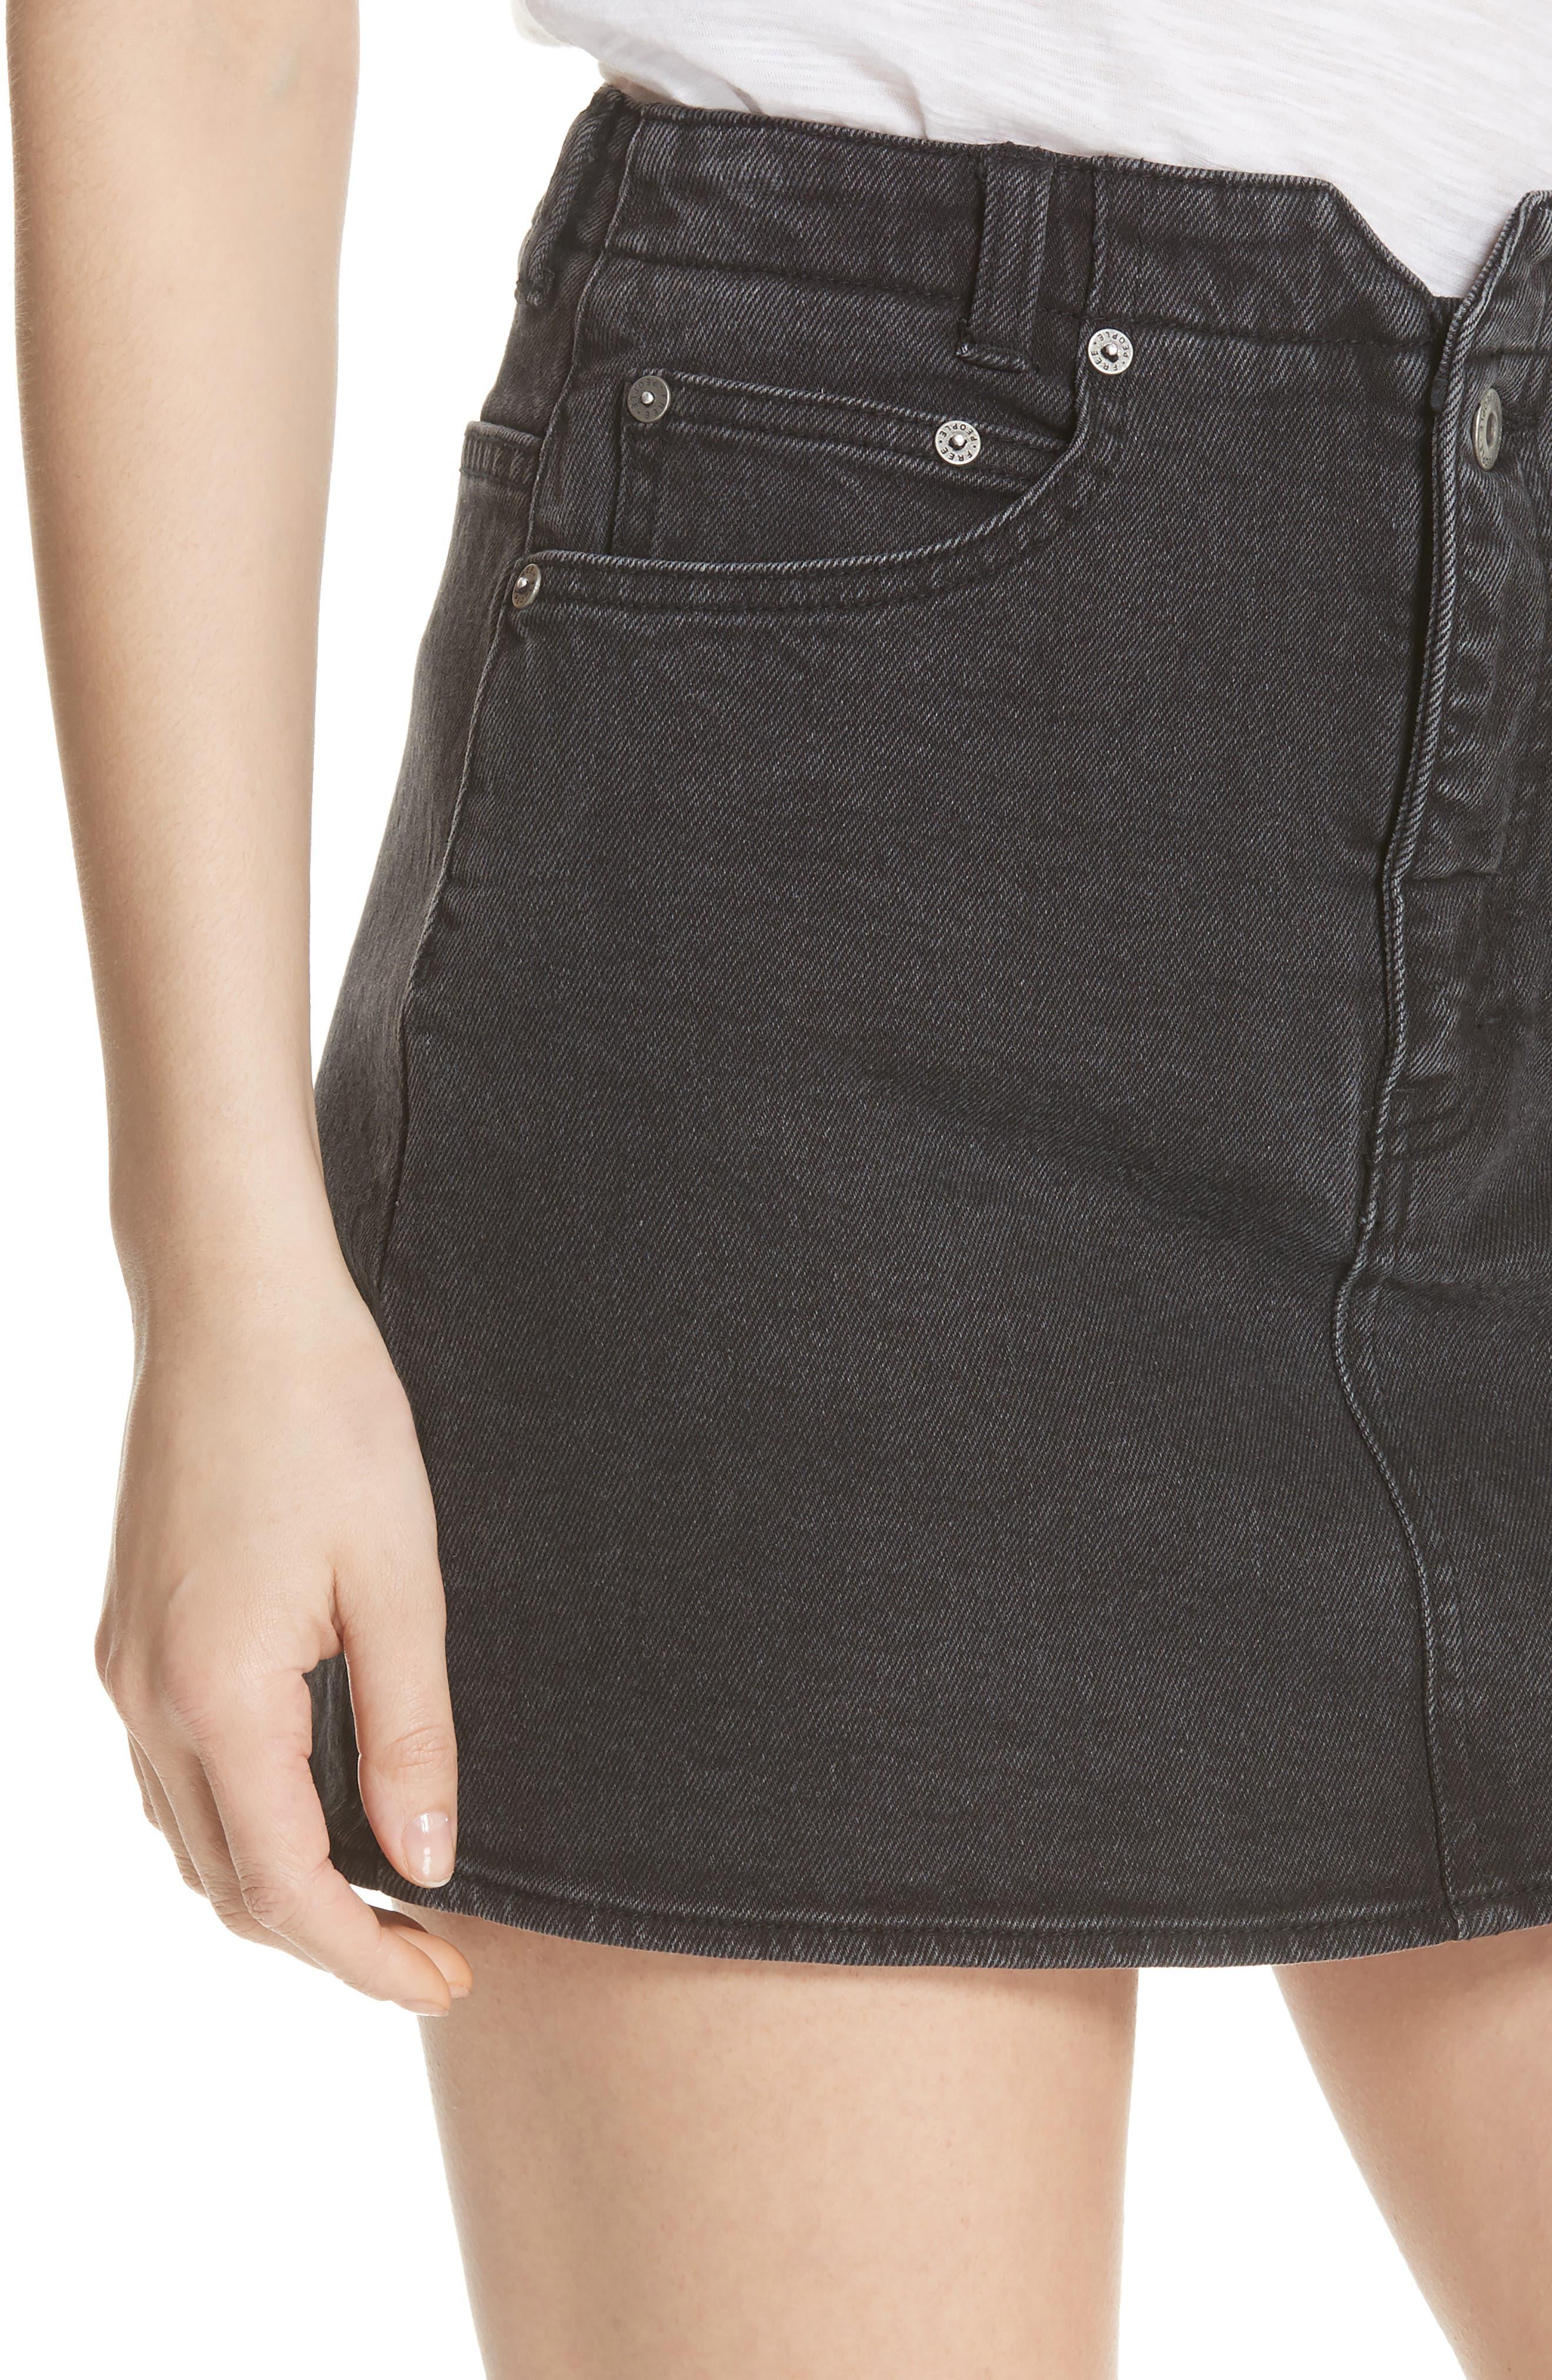 She's All That Denim Miniskirt,                             Alternate thumbnail 4, color,                             Black